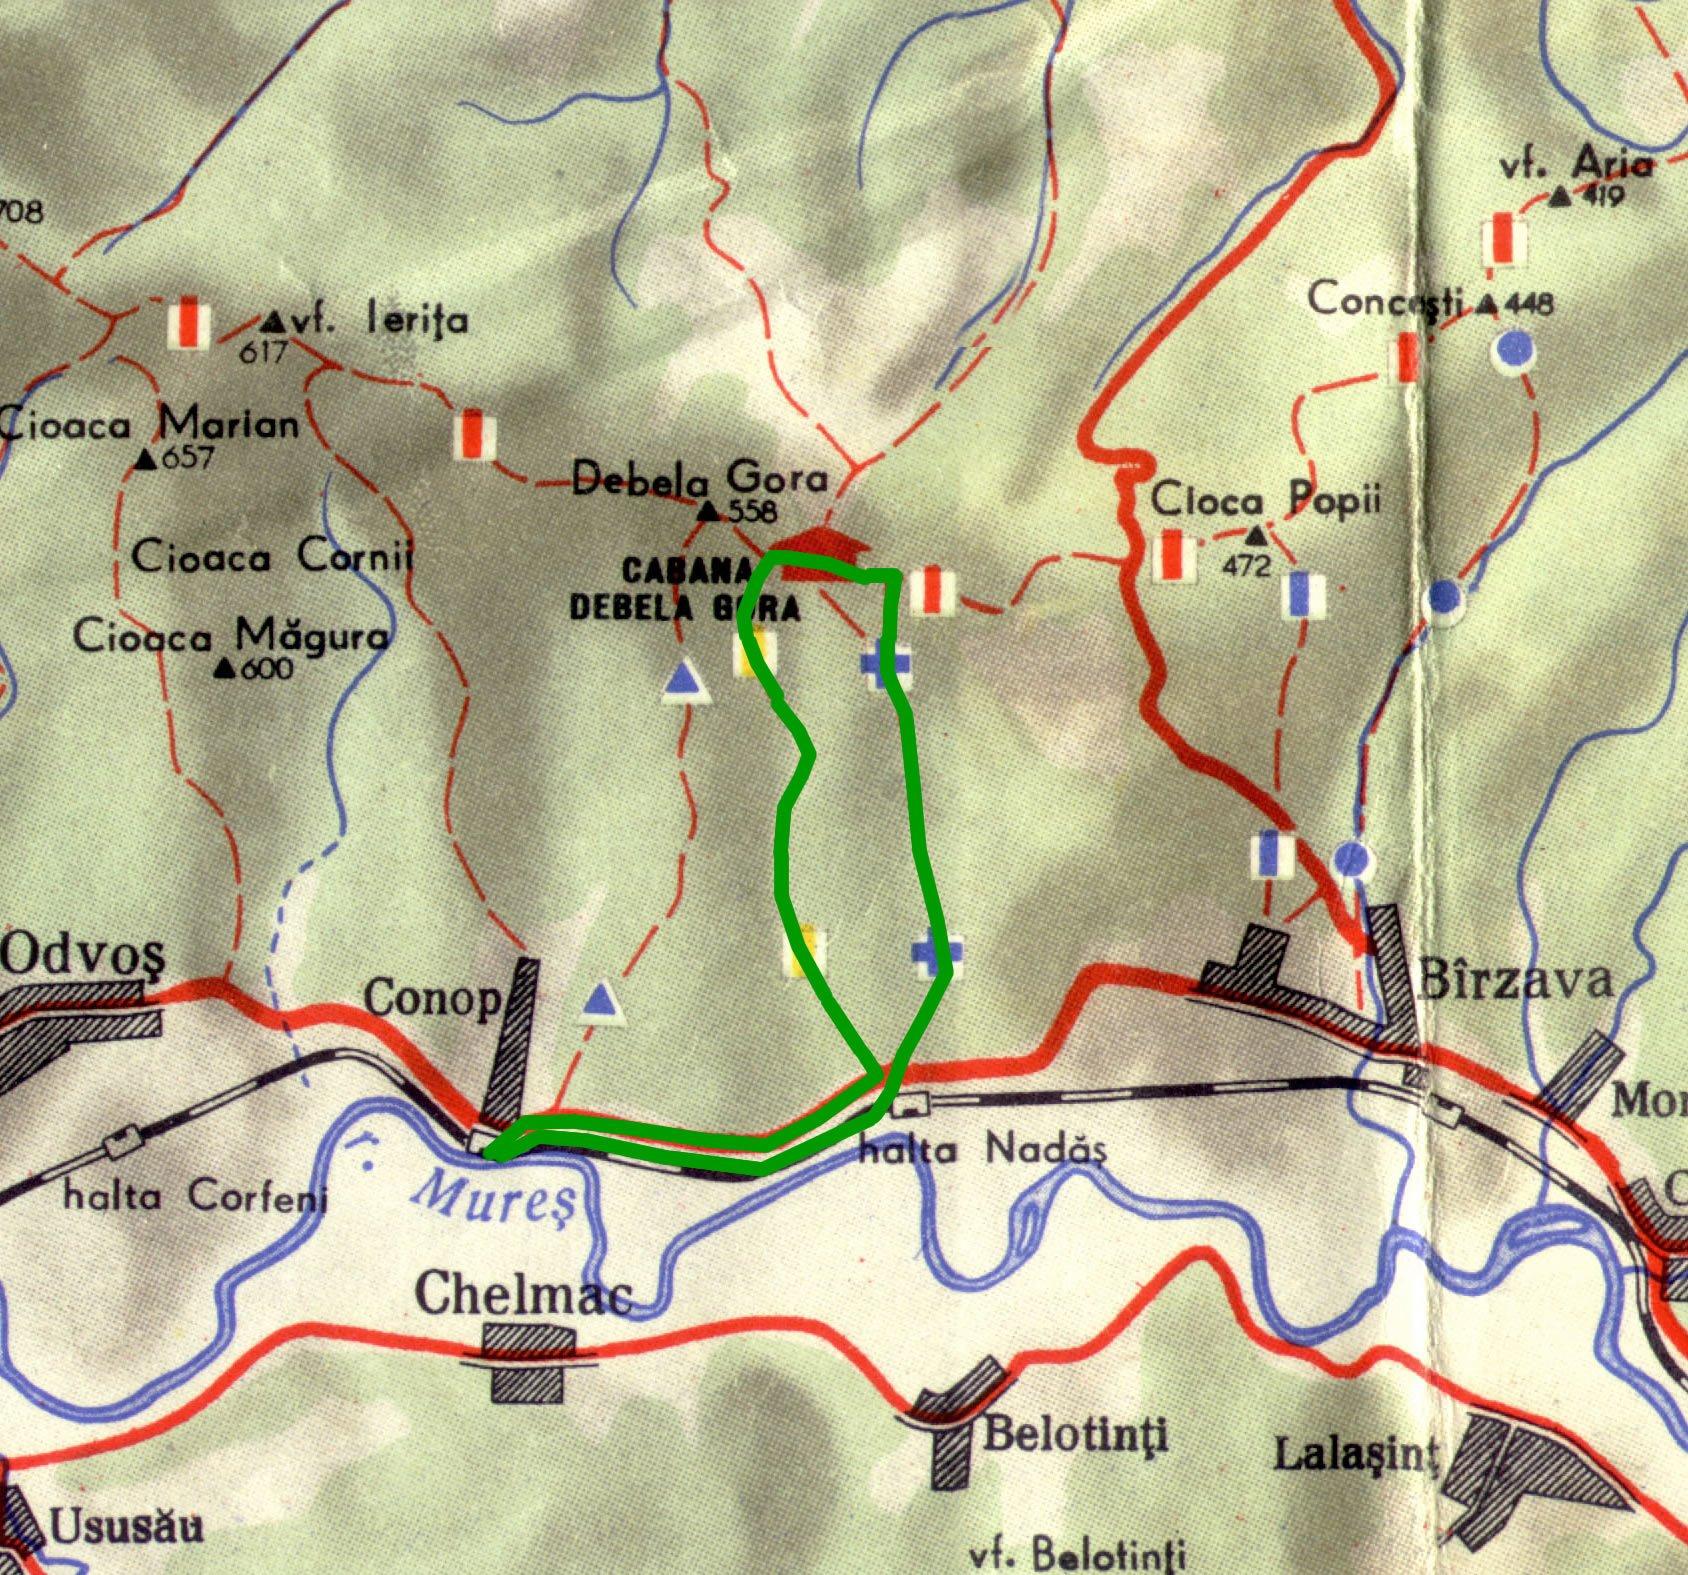 Harta Aventuri pe bicicleta - Biciclist de duminica Conop - Debelagora - Conop